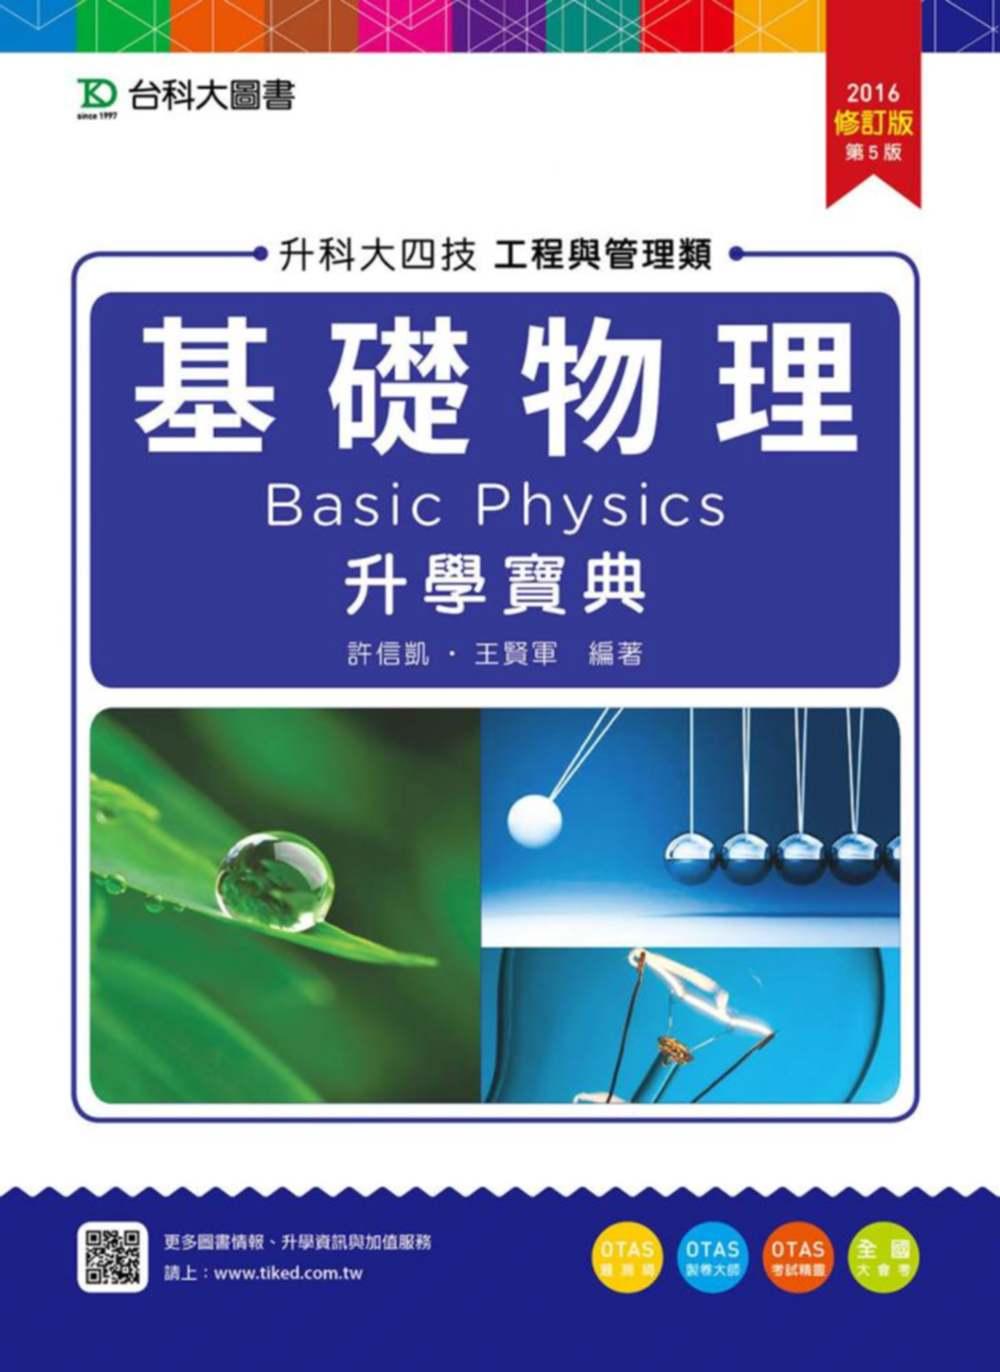 升科大四技工程與管理類基礎物理升學寶典-2016年最新版(第四版) - 附贈OTAS題測系統